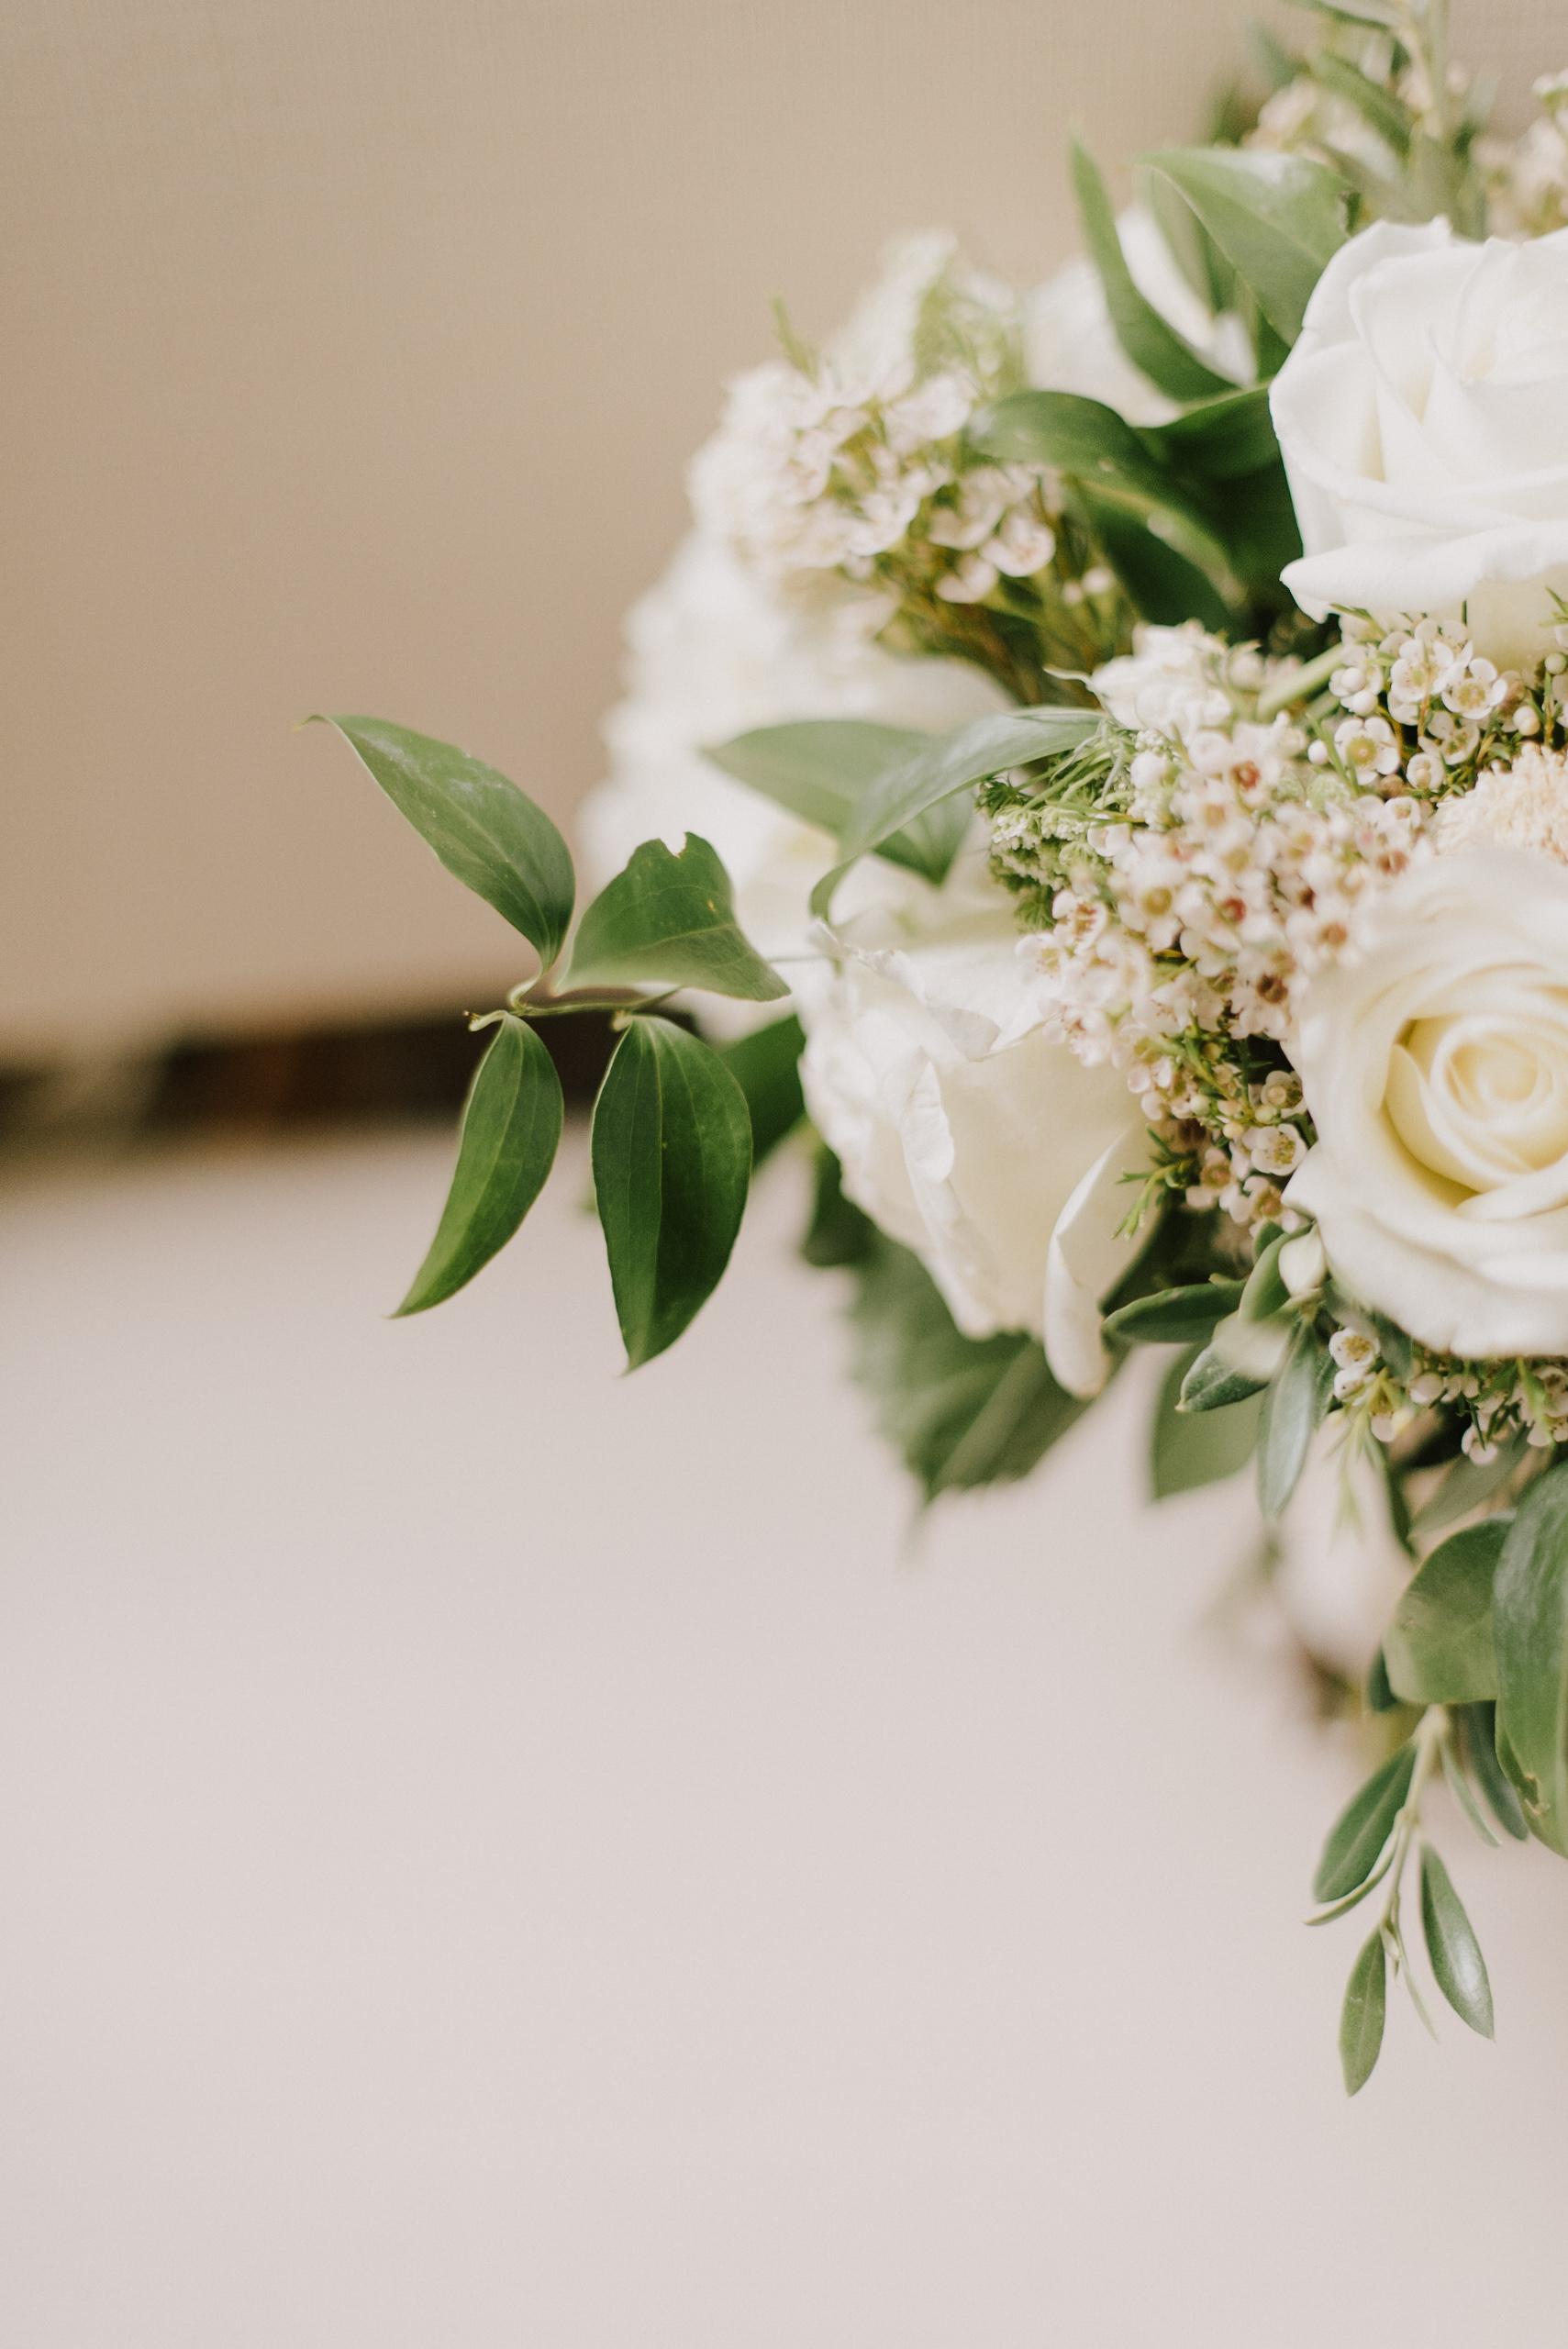 ofRen-ourwedding-3.jpg